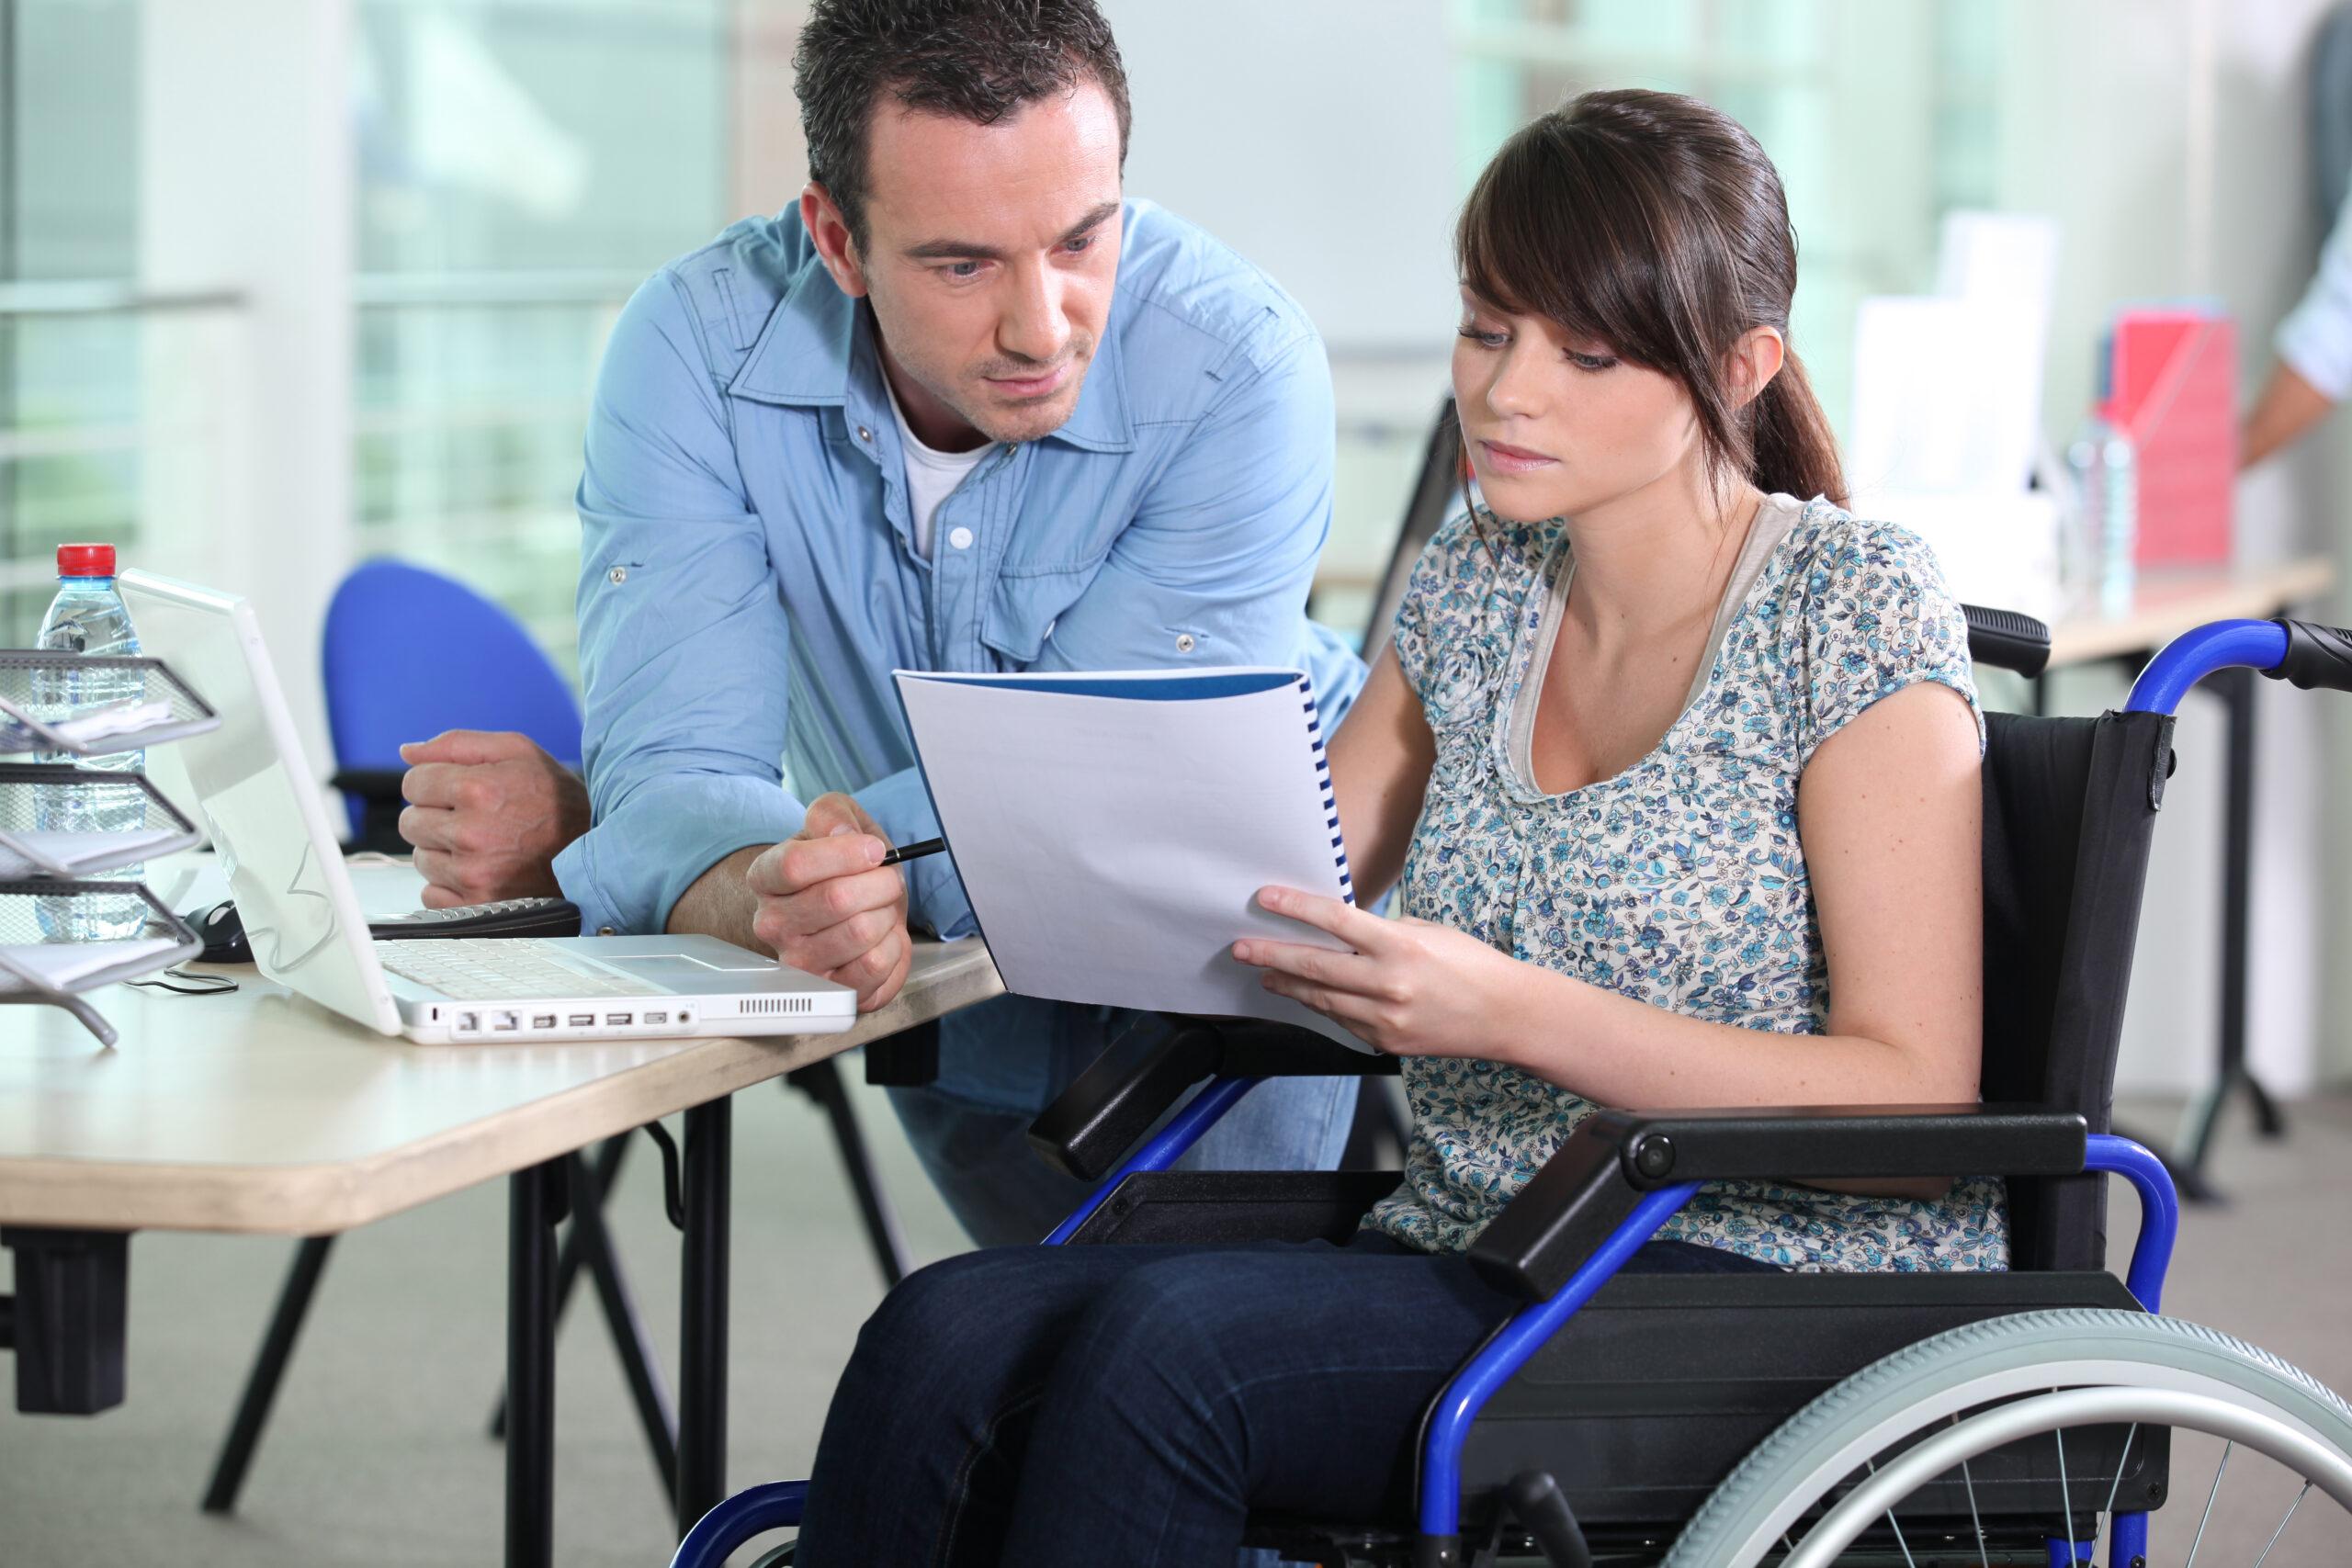 Arbeit für Menschen mit Behinderung